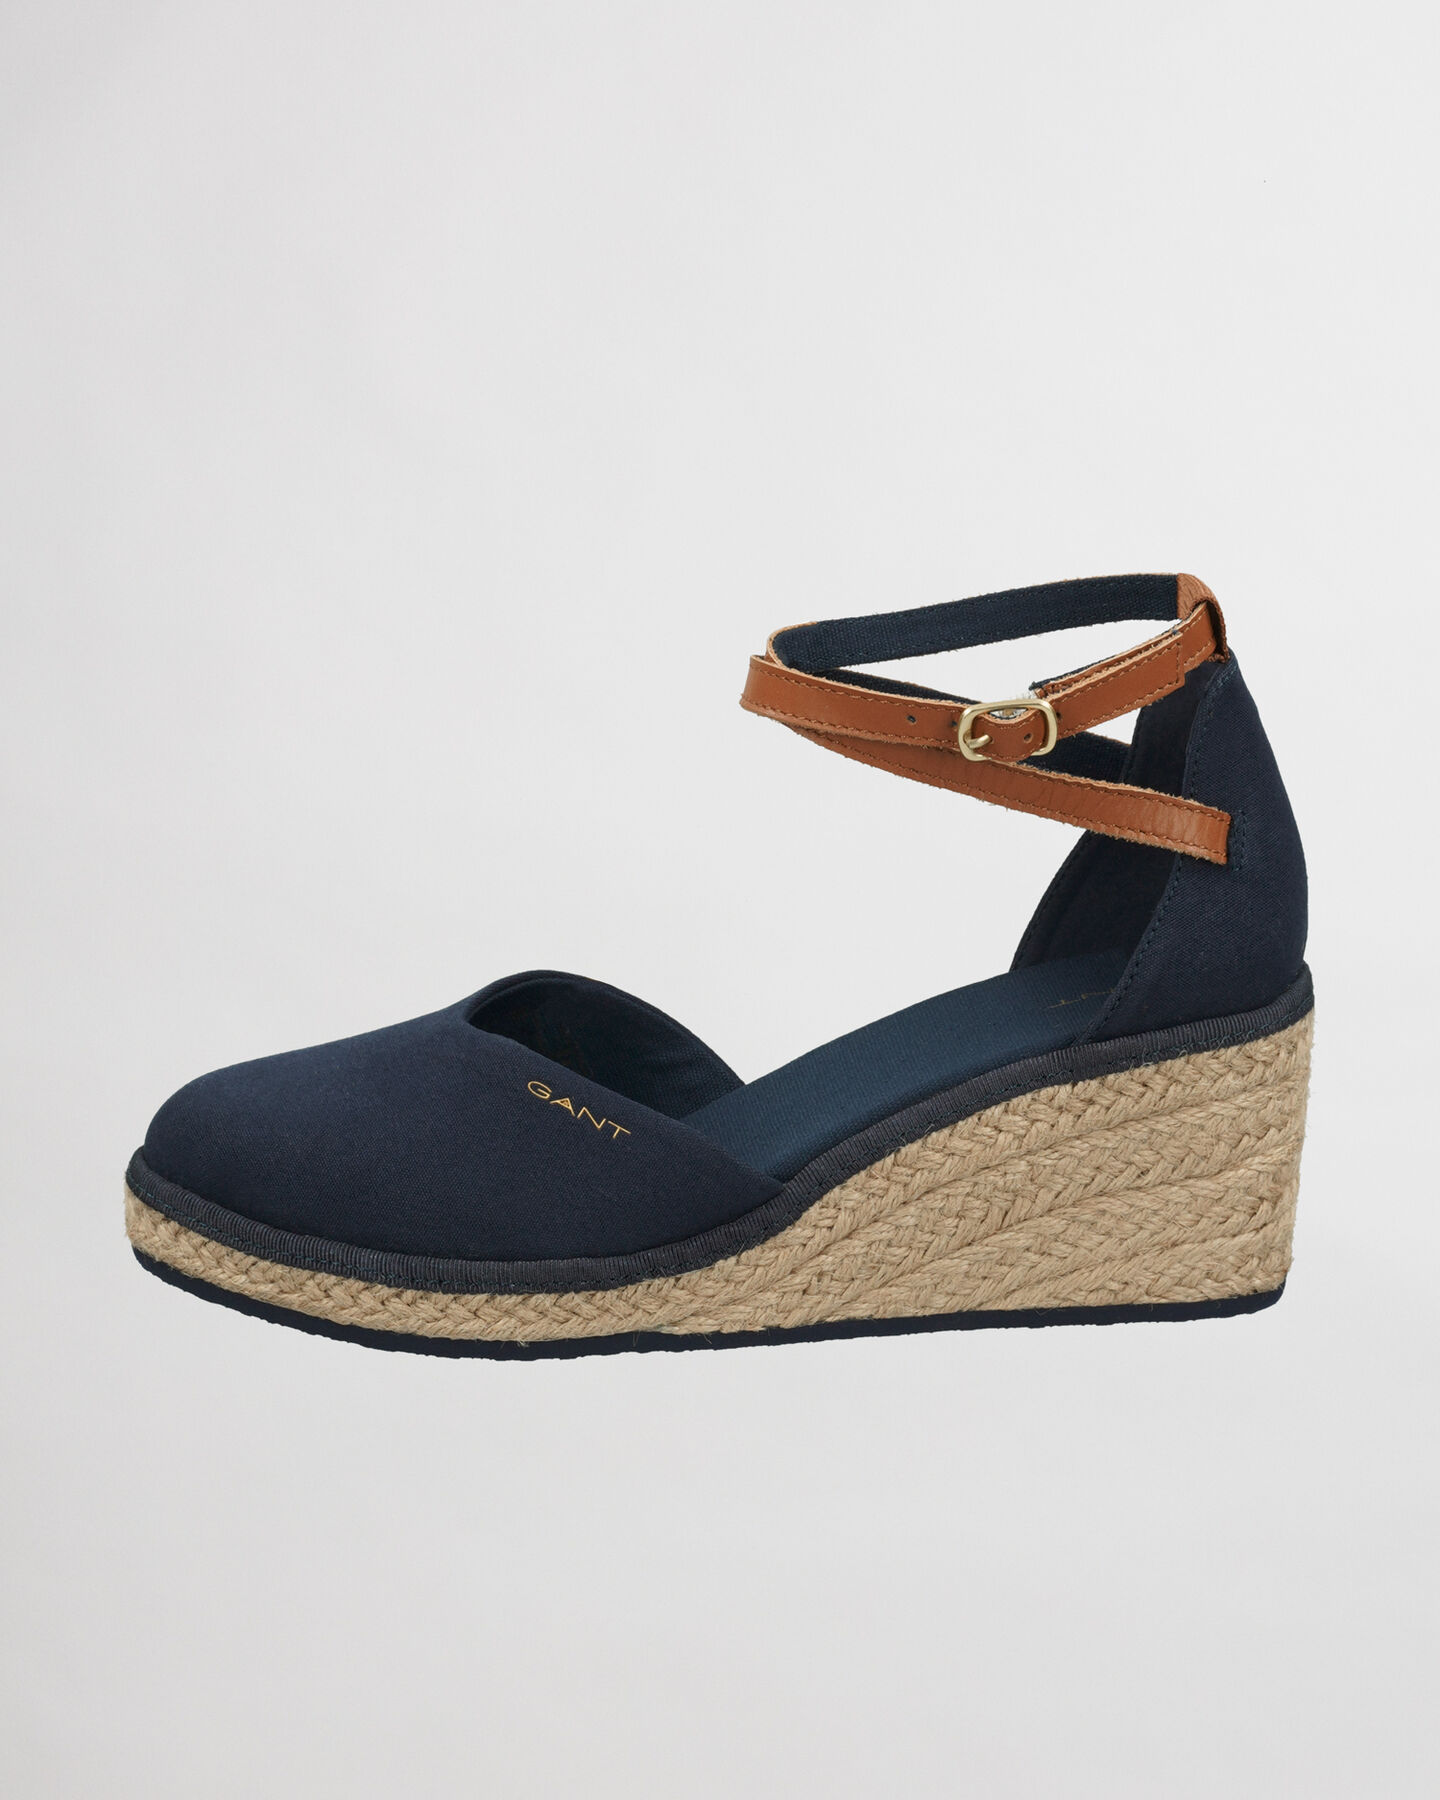 Wedgeville sandaletter med kilklack